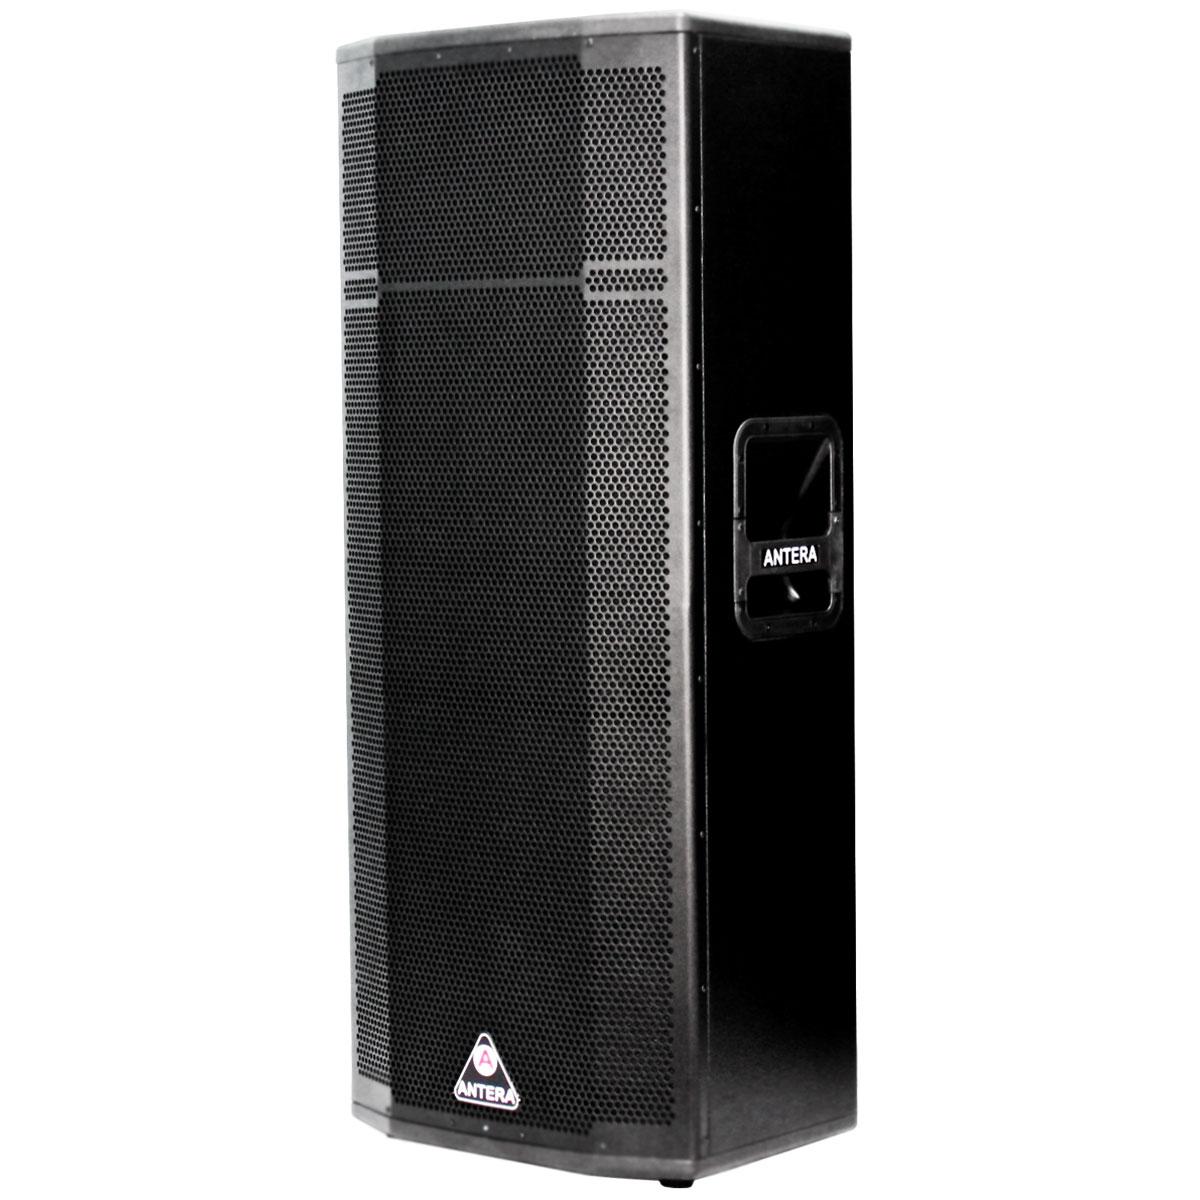 Caixa Ativa Fal 2x15 Pol 600W c/ FLY - HPS 15.2 A Antera